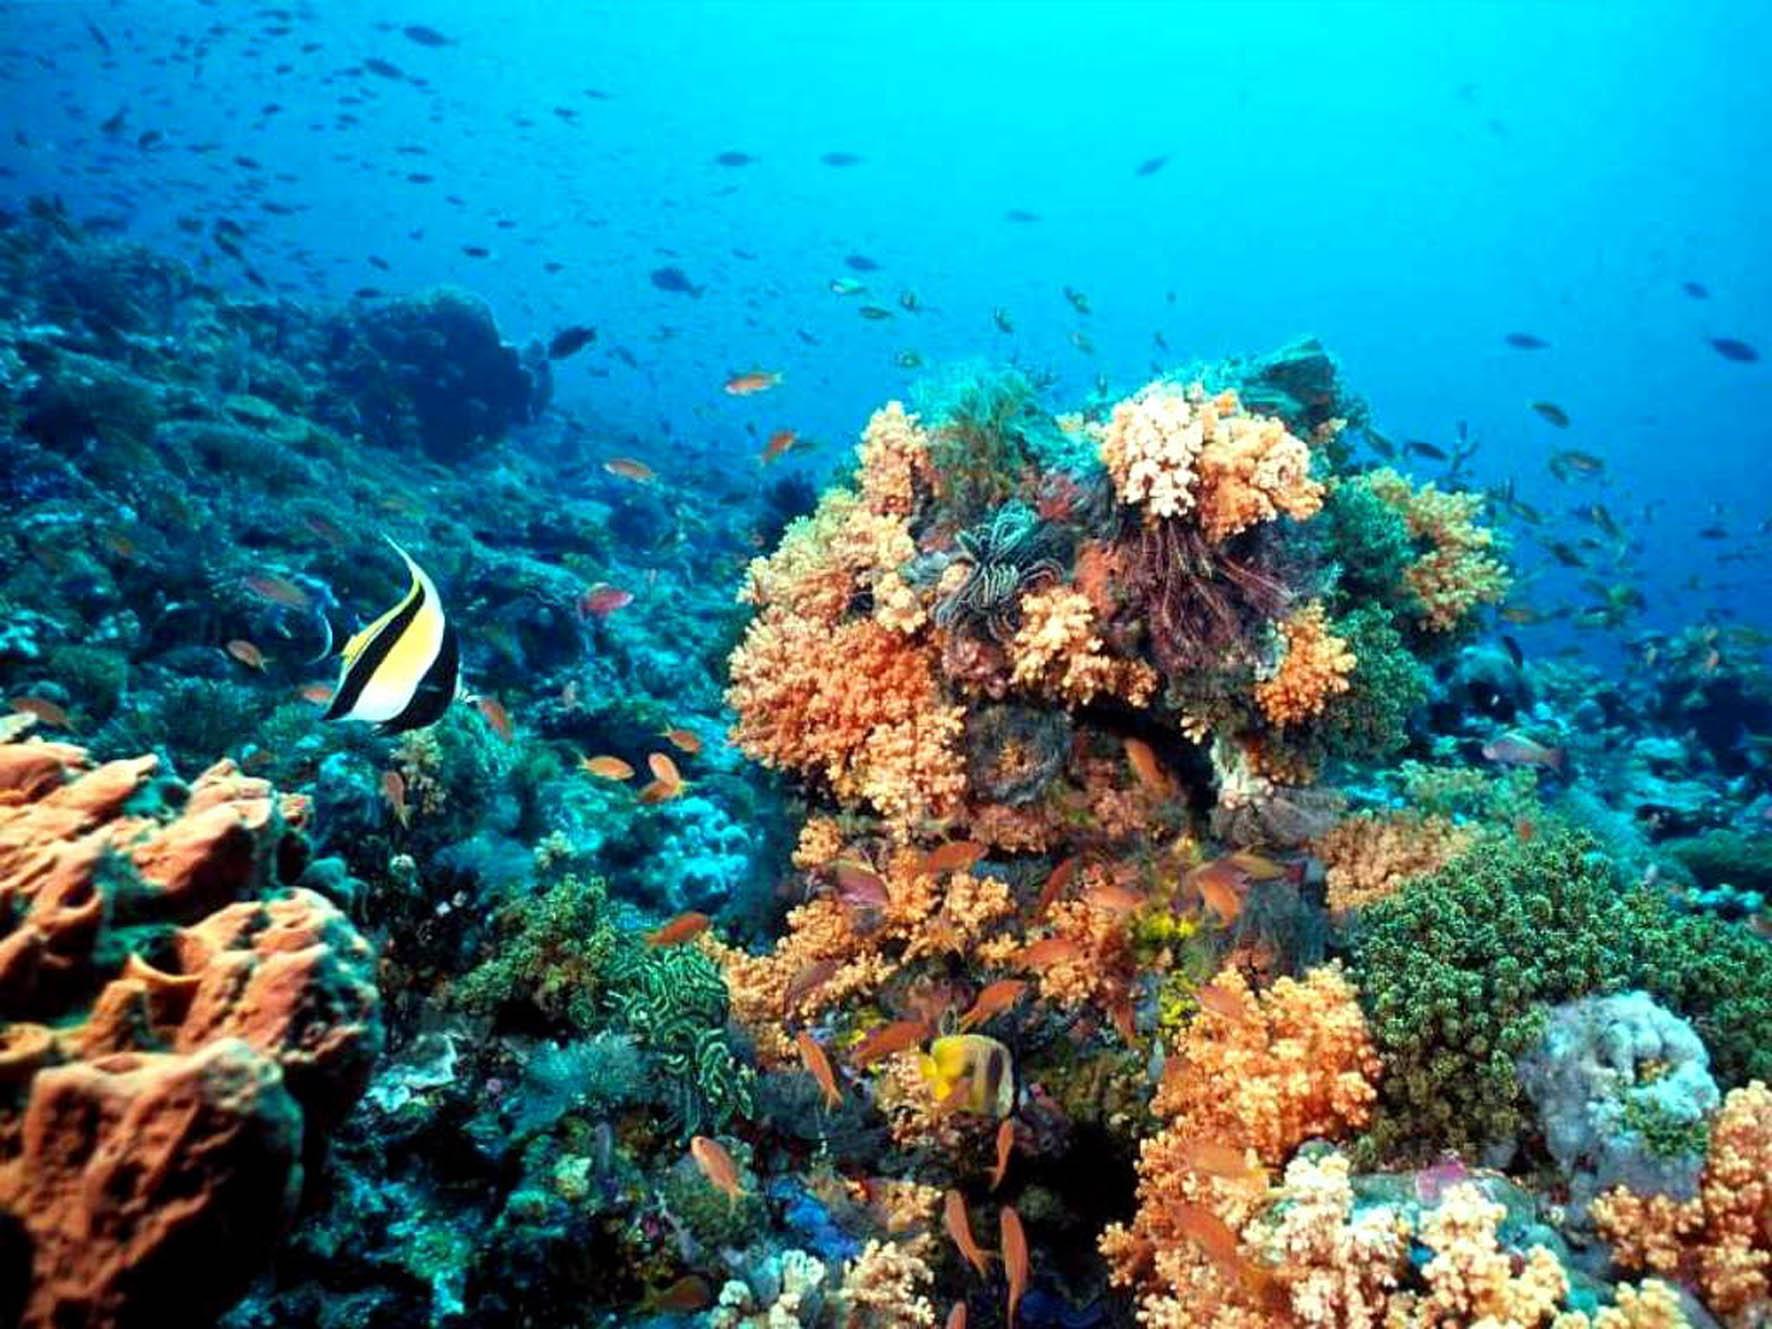 Ambientalistas denuncian peligro de contaminación en arrecife coralino de Puerto Morelos